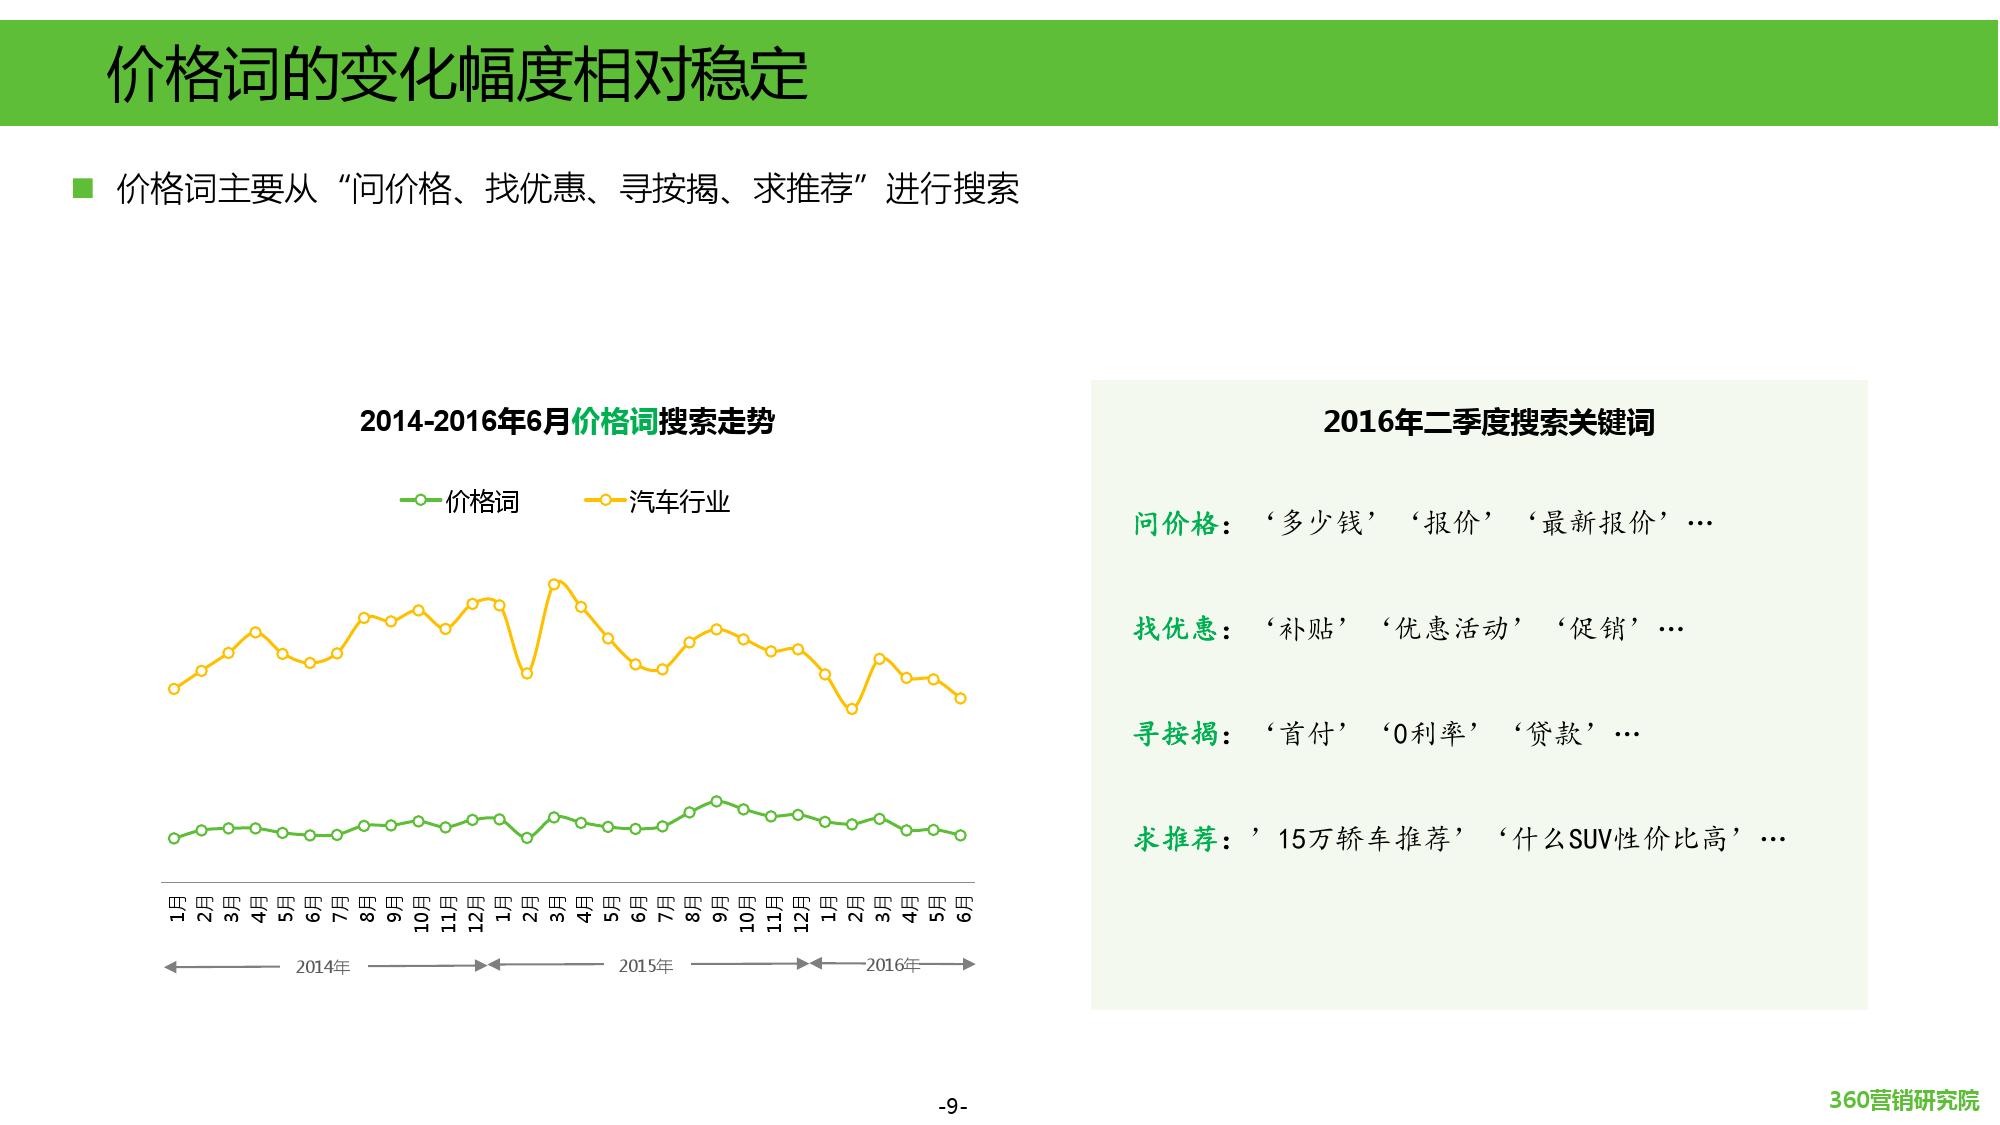 2016年第二季度汽车行业研究报告_000009